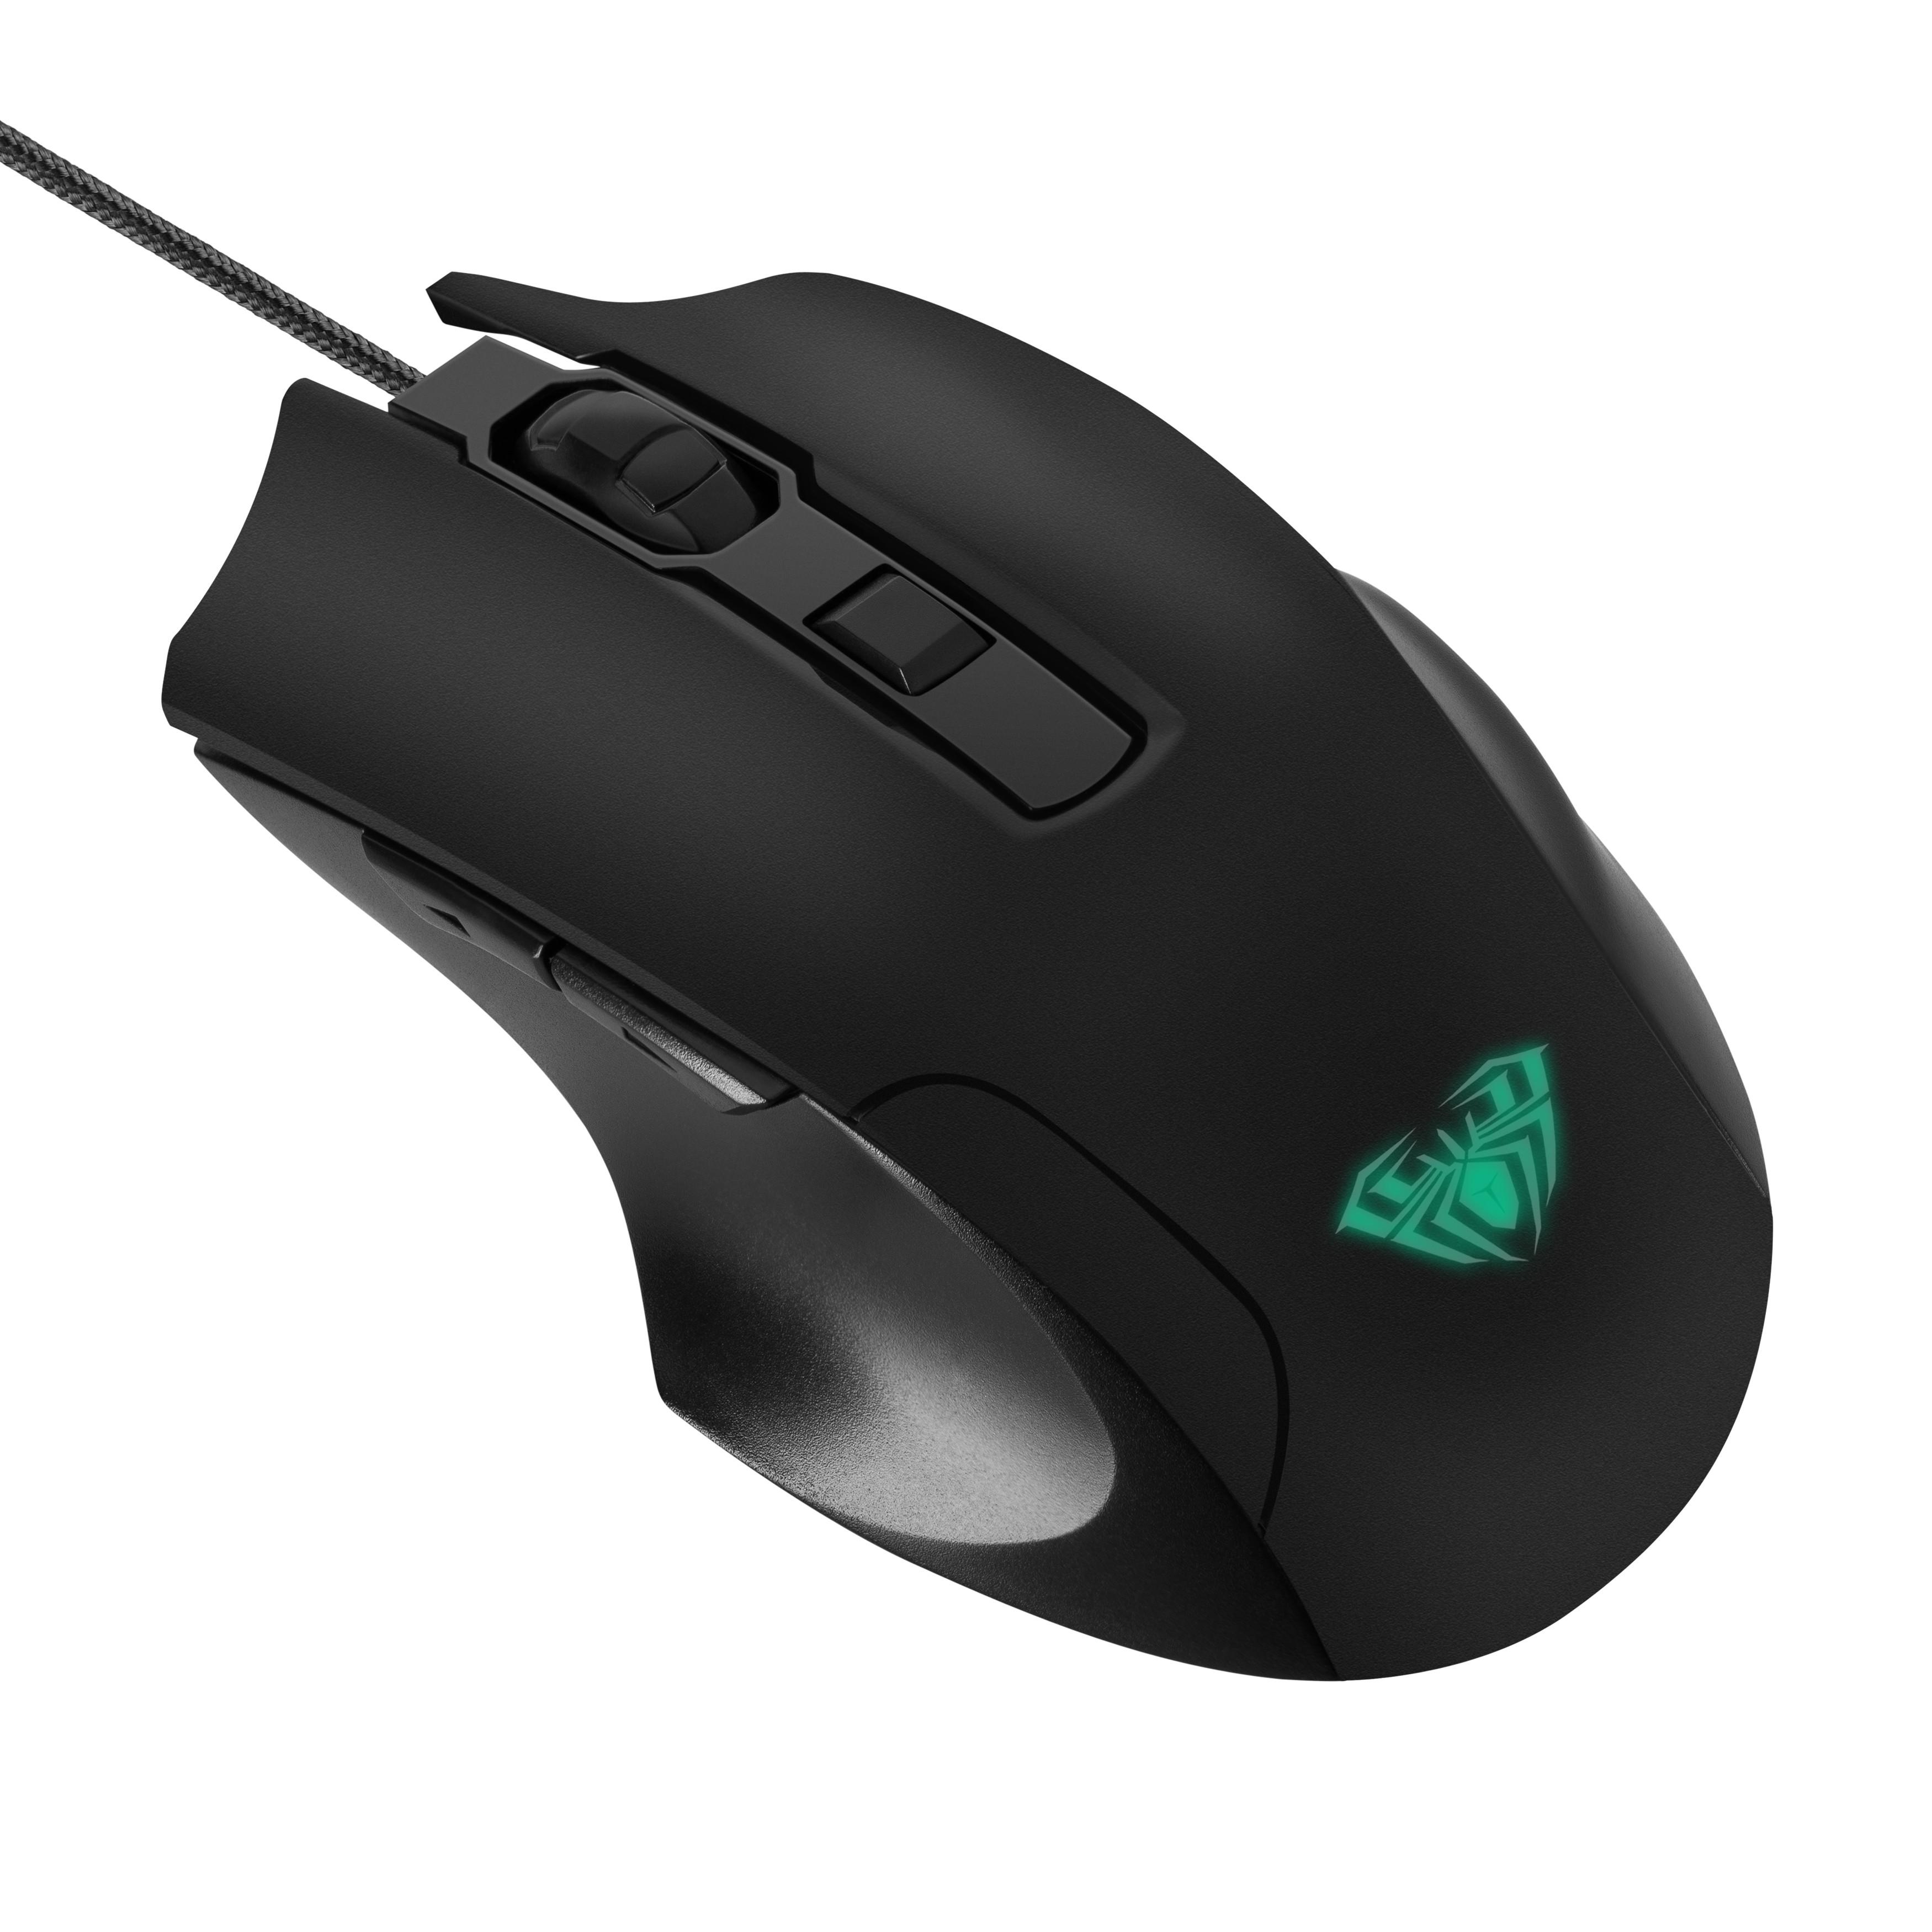 AULA INERTIA laidinė pelė | 2400 DPI